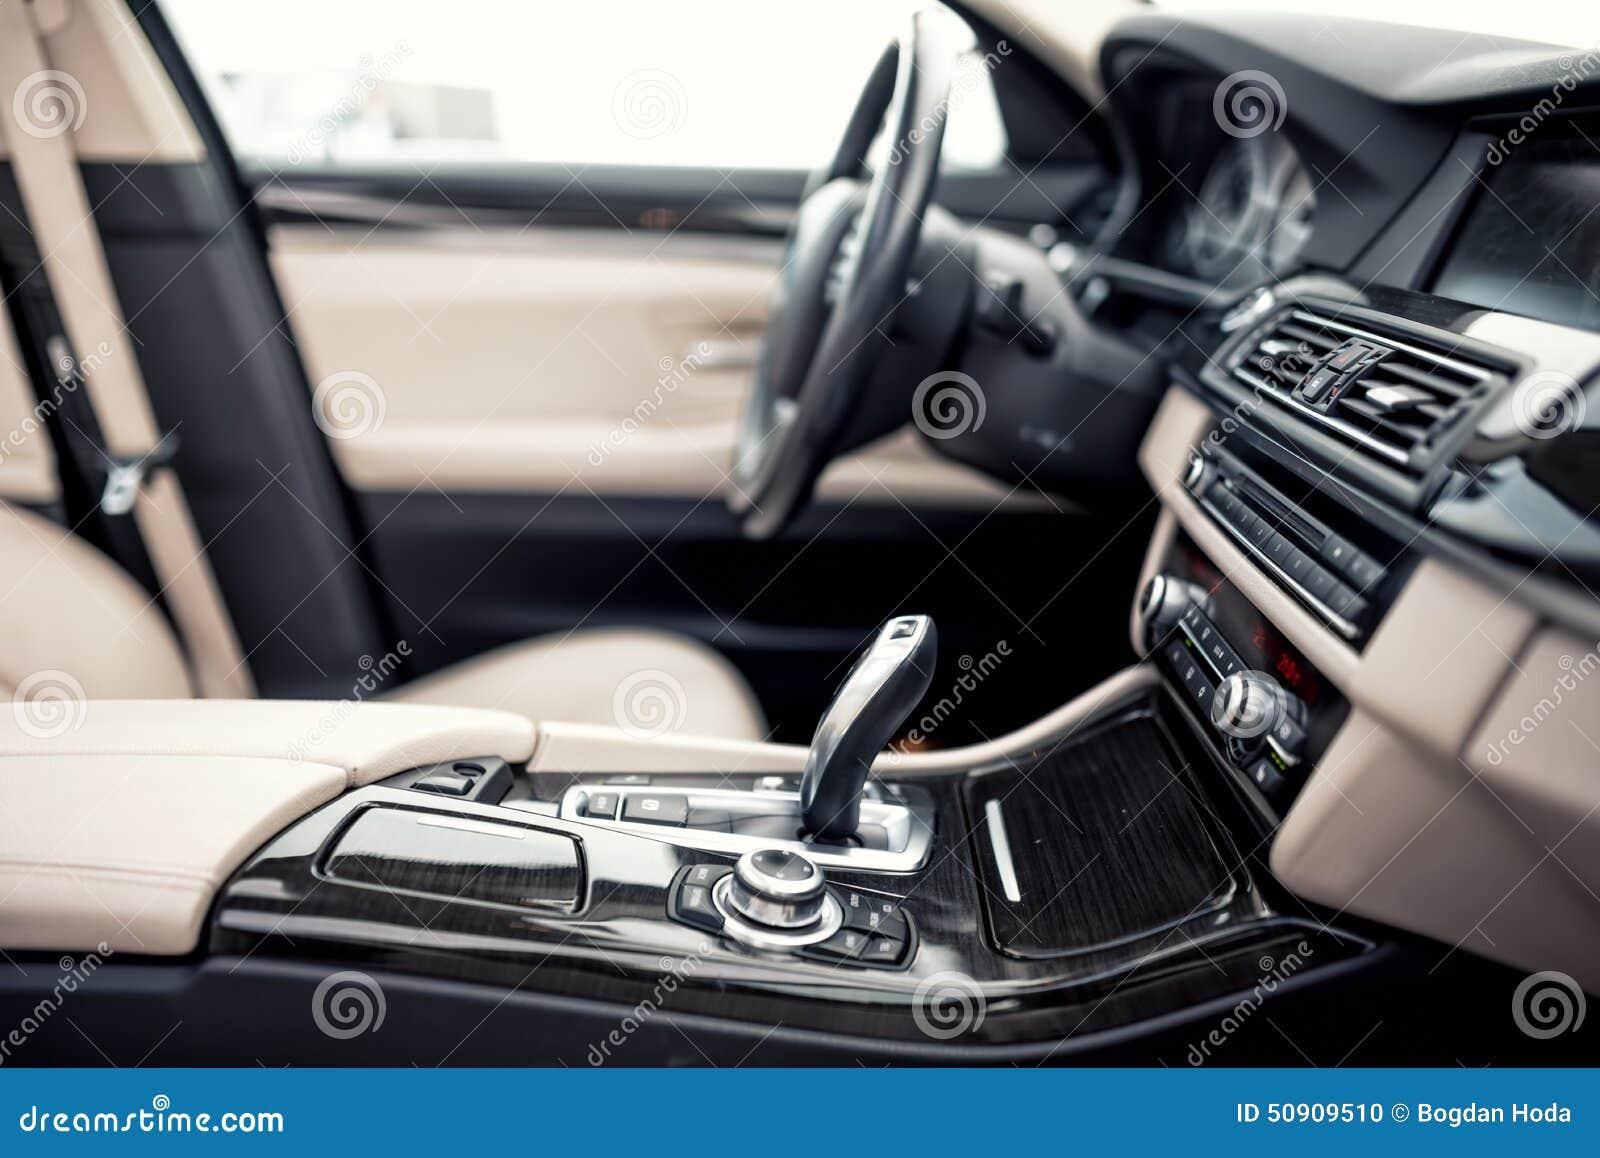 Beige und schwarzer Innenraum des modernen Autos, der Nahaufnahmedetails des Automatikgetriebes und des Gangstockes gegen Lenkrad